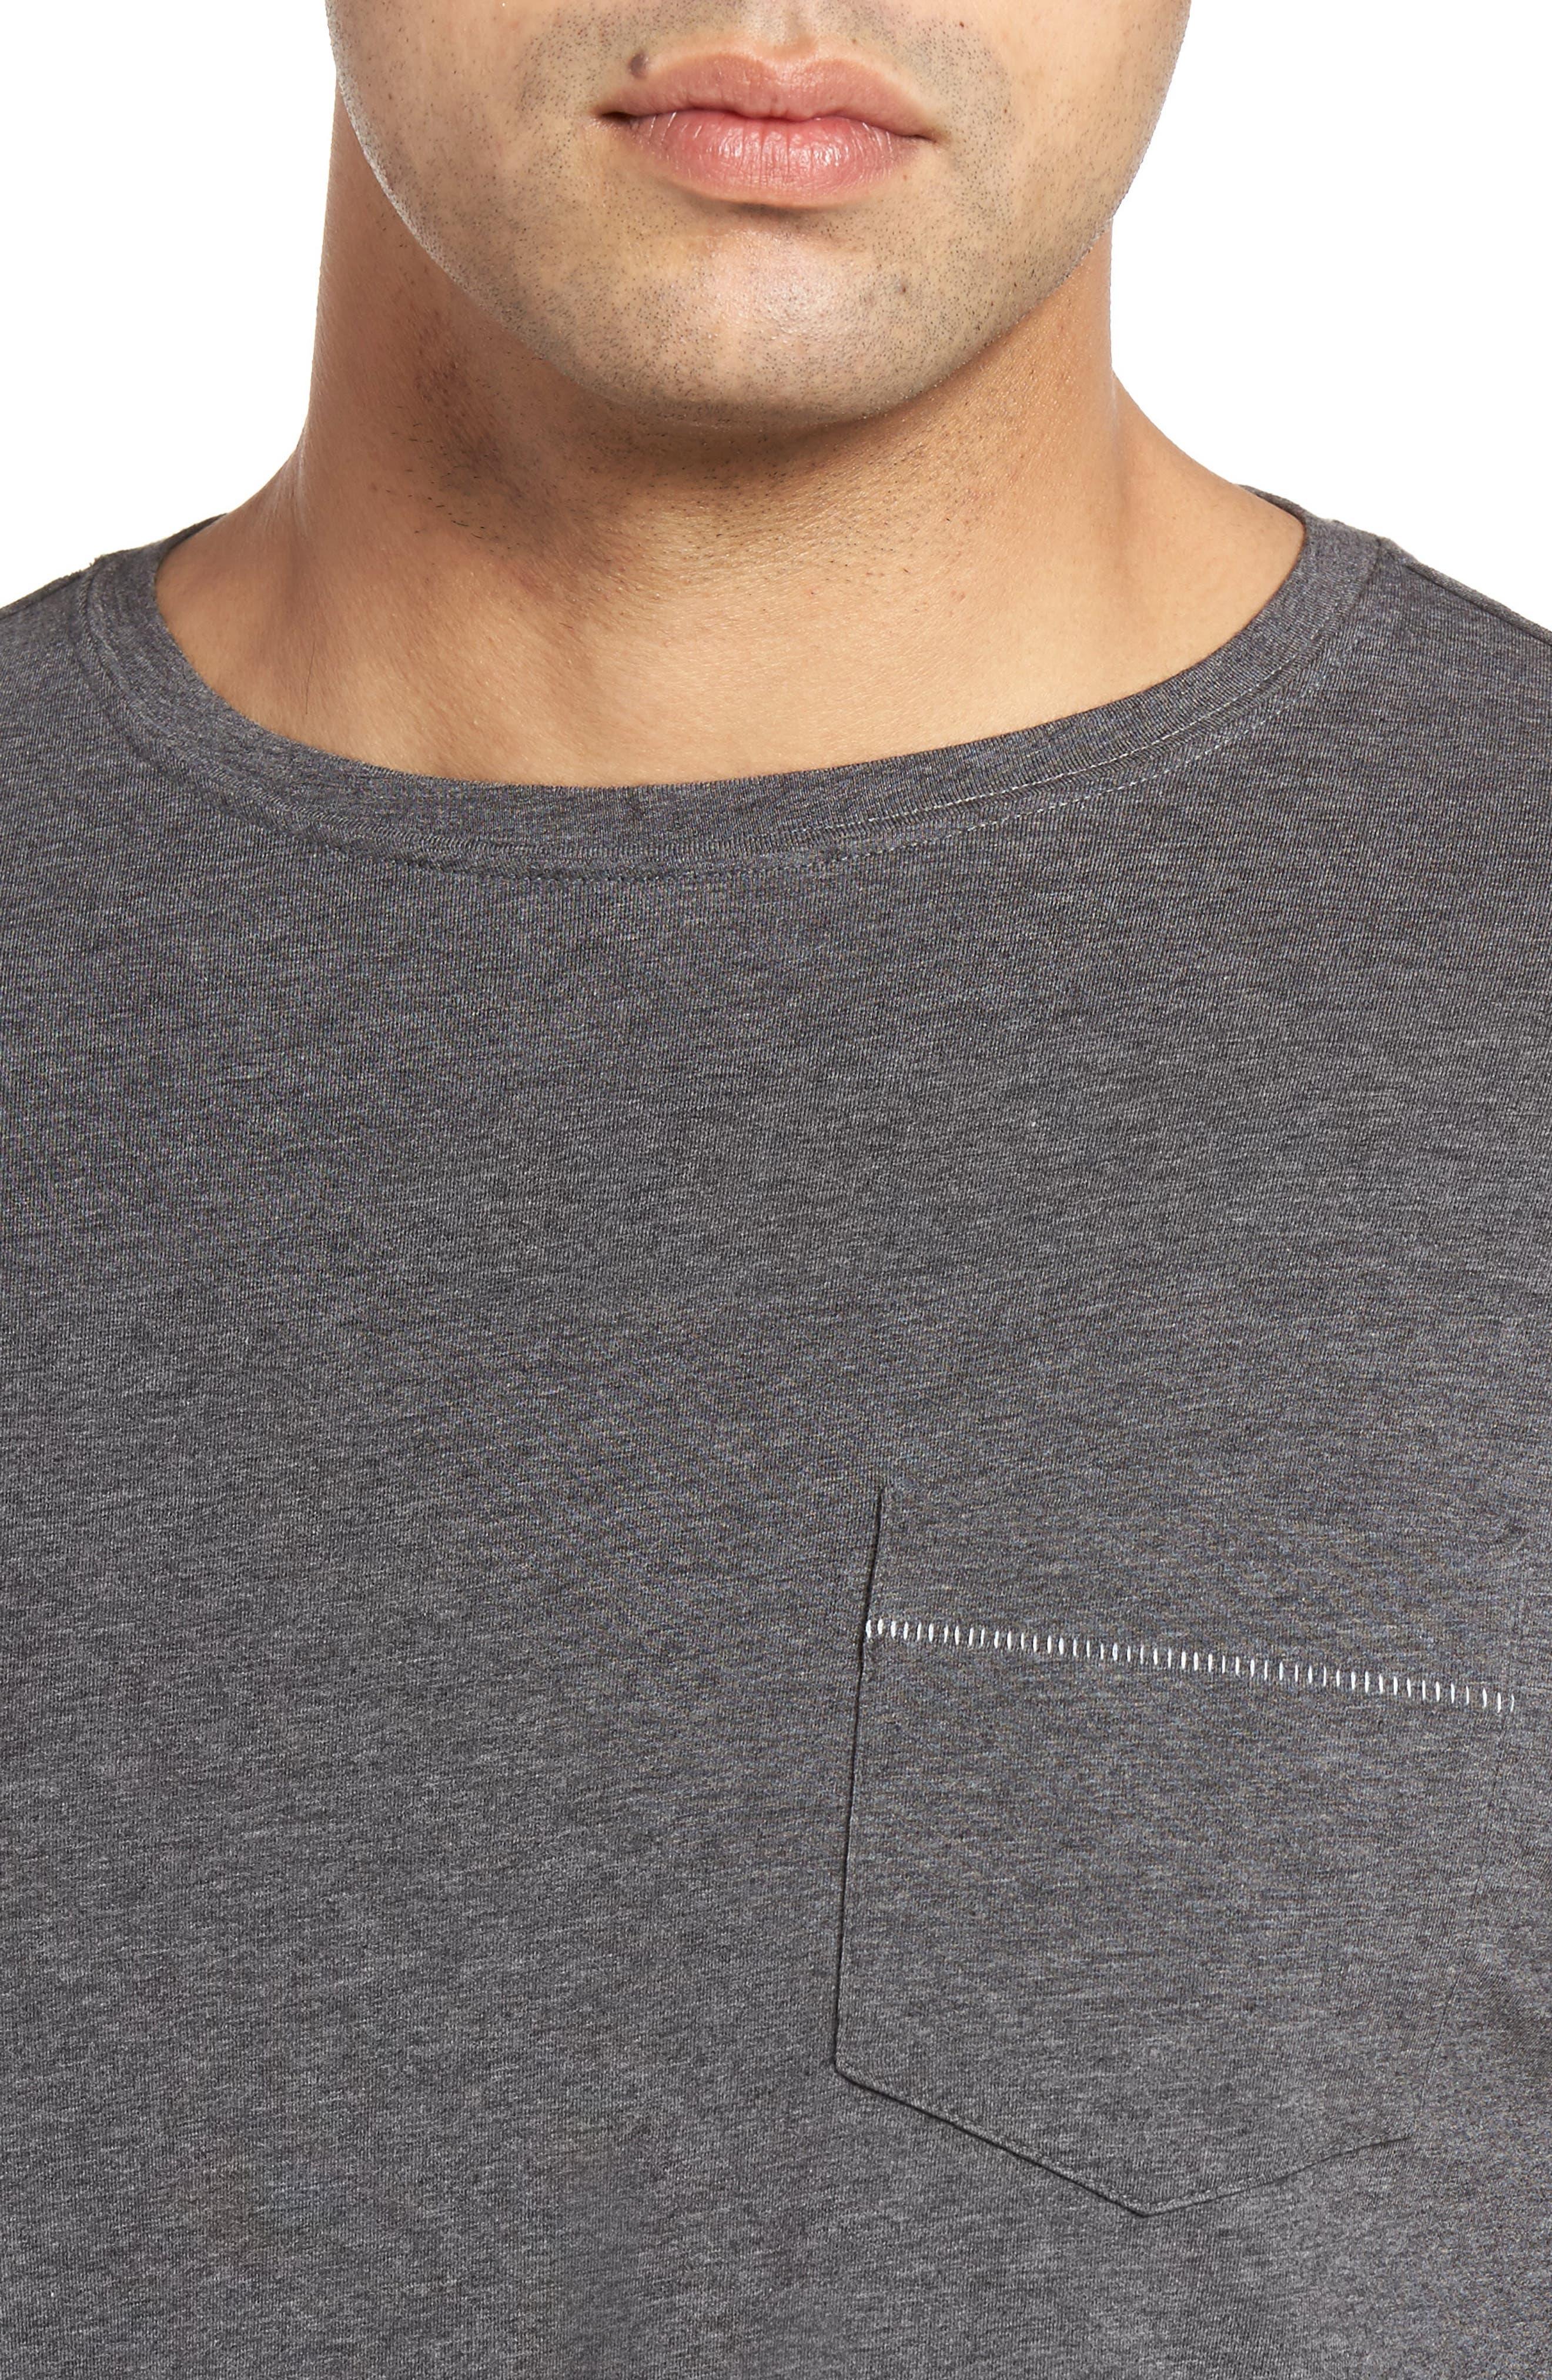 BOBBY JONES,                             R18 Pocket T-Shirt,                             Alternate thumbnail 4, color,                             011